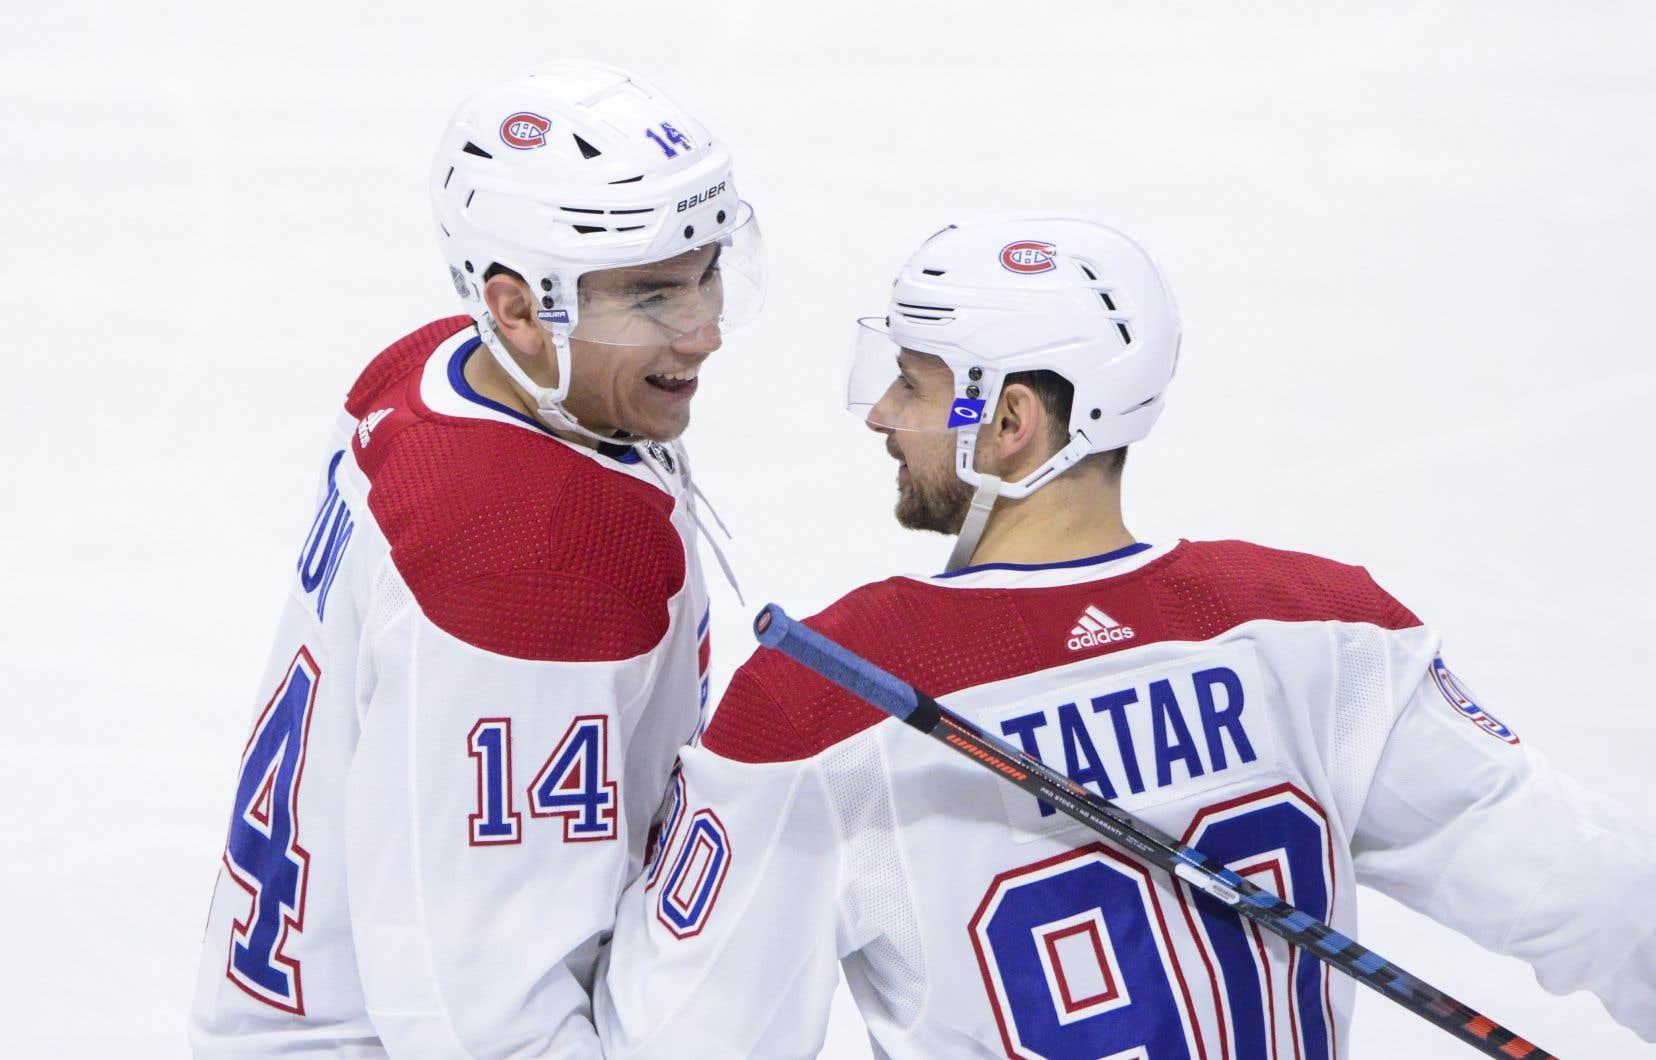 Lors du concours d'habiletés du Canadien de Montréal, Max Domi a remporté l'épreuve du patineur le plus rapide, tandis que Tomas Tatar a gagné celle du tir de précision.